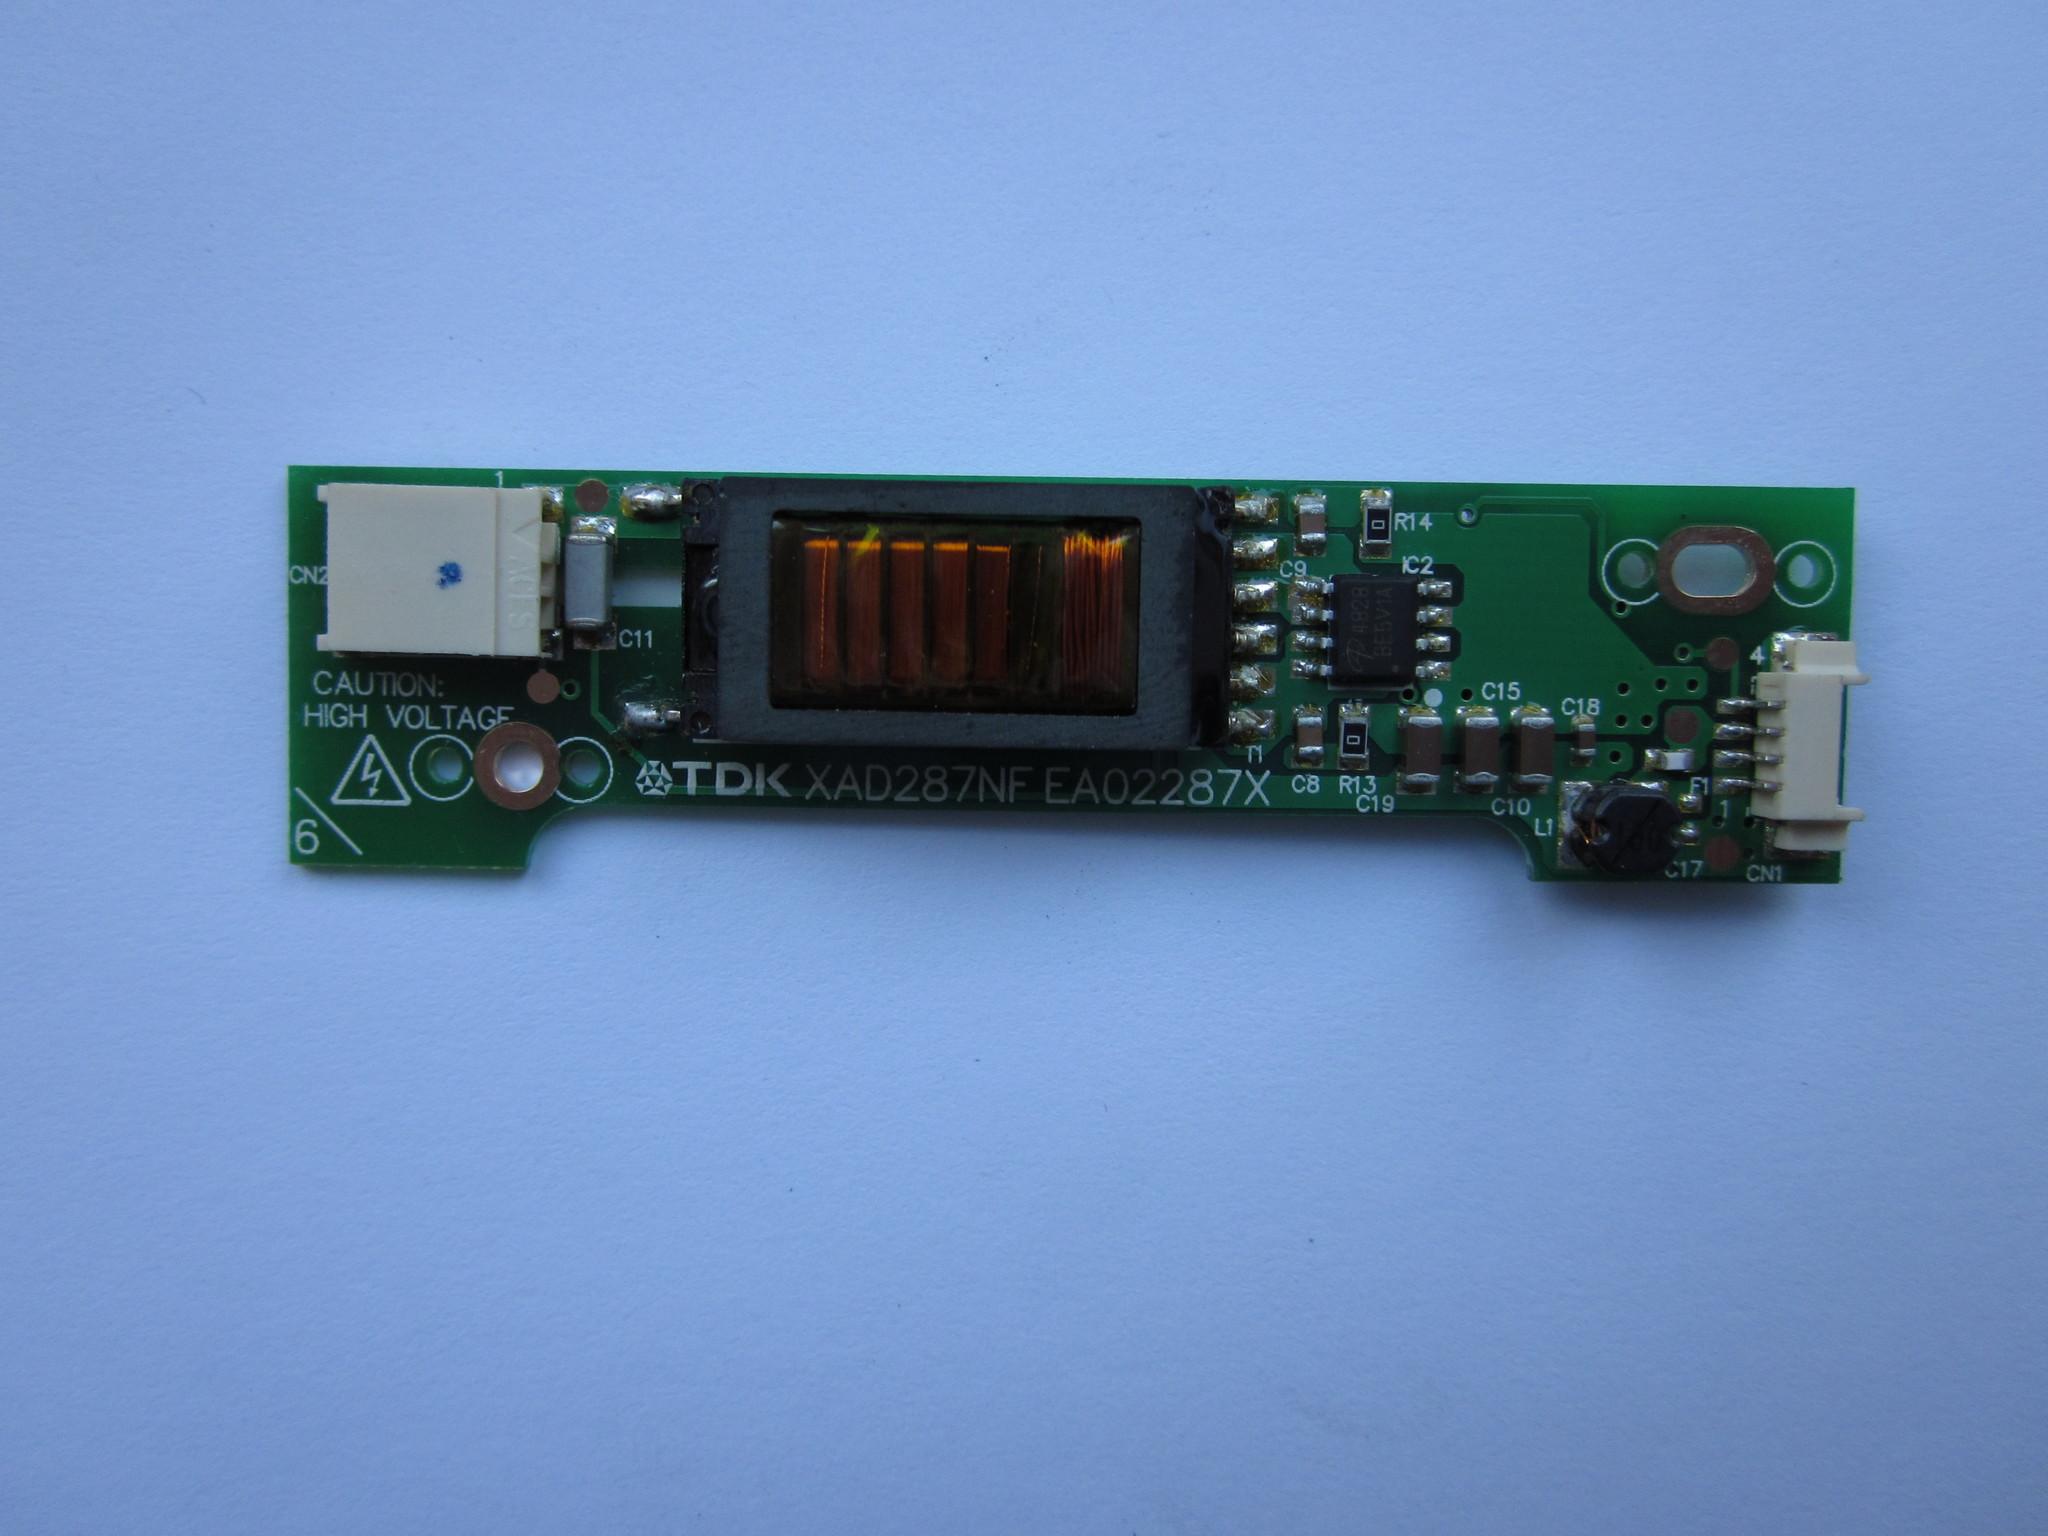 Инвертор TDK XAD287NF EA02287X